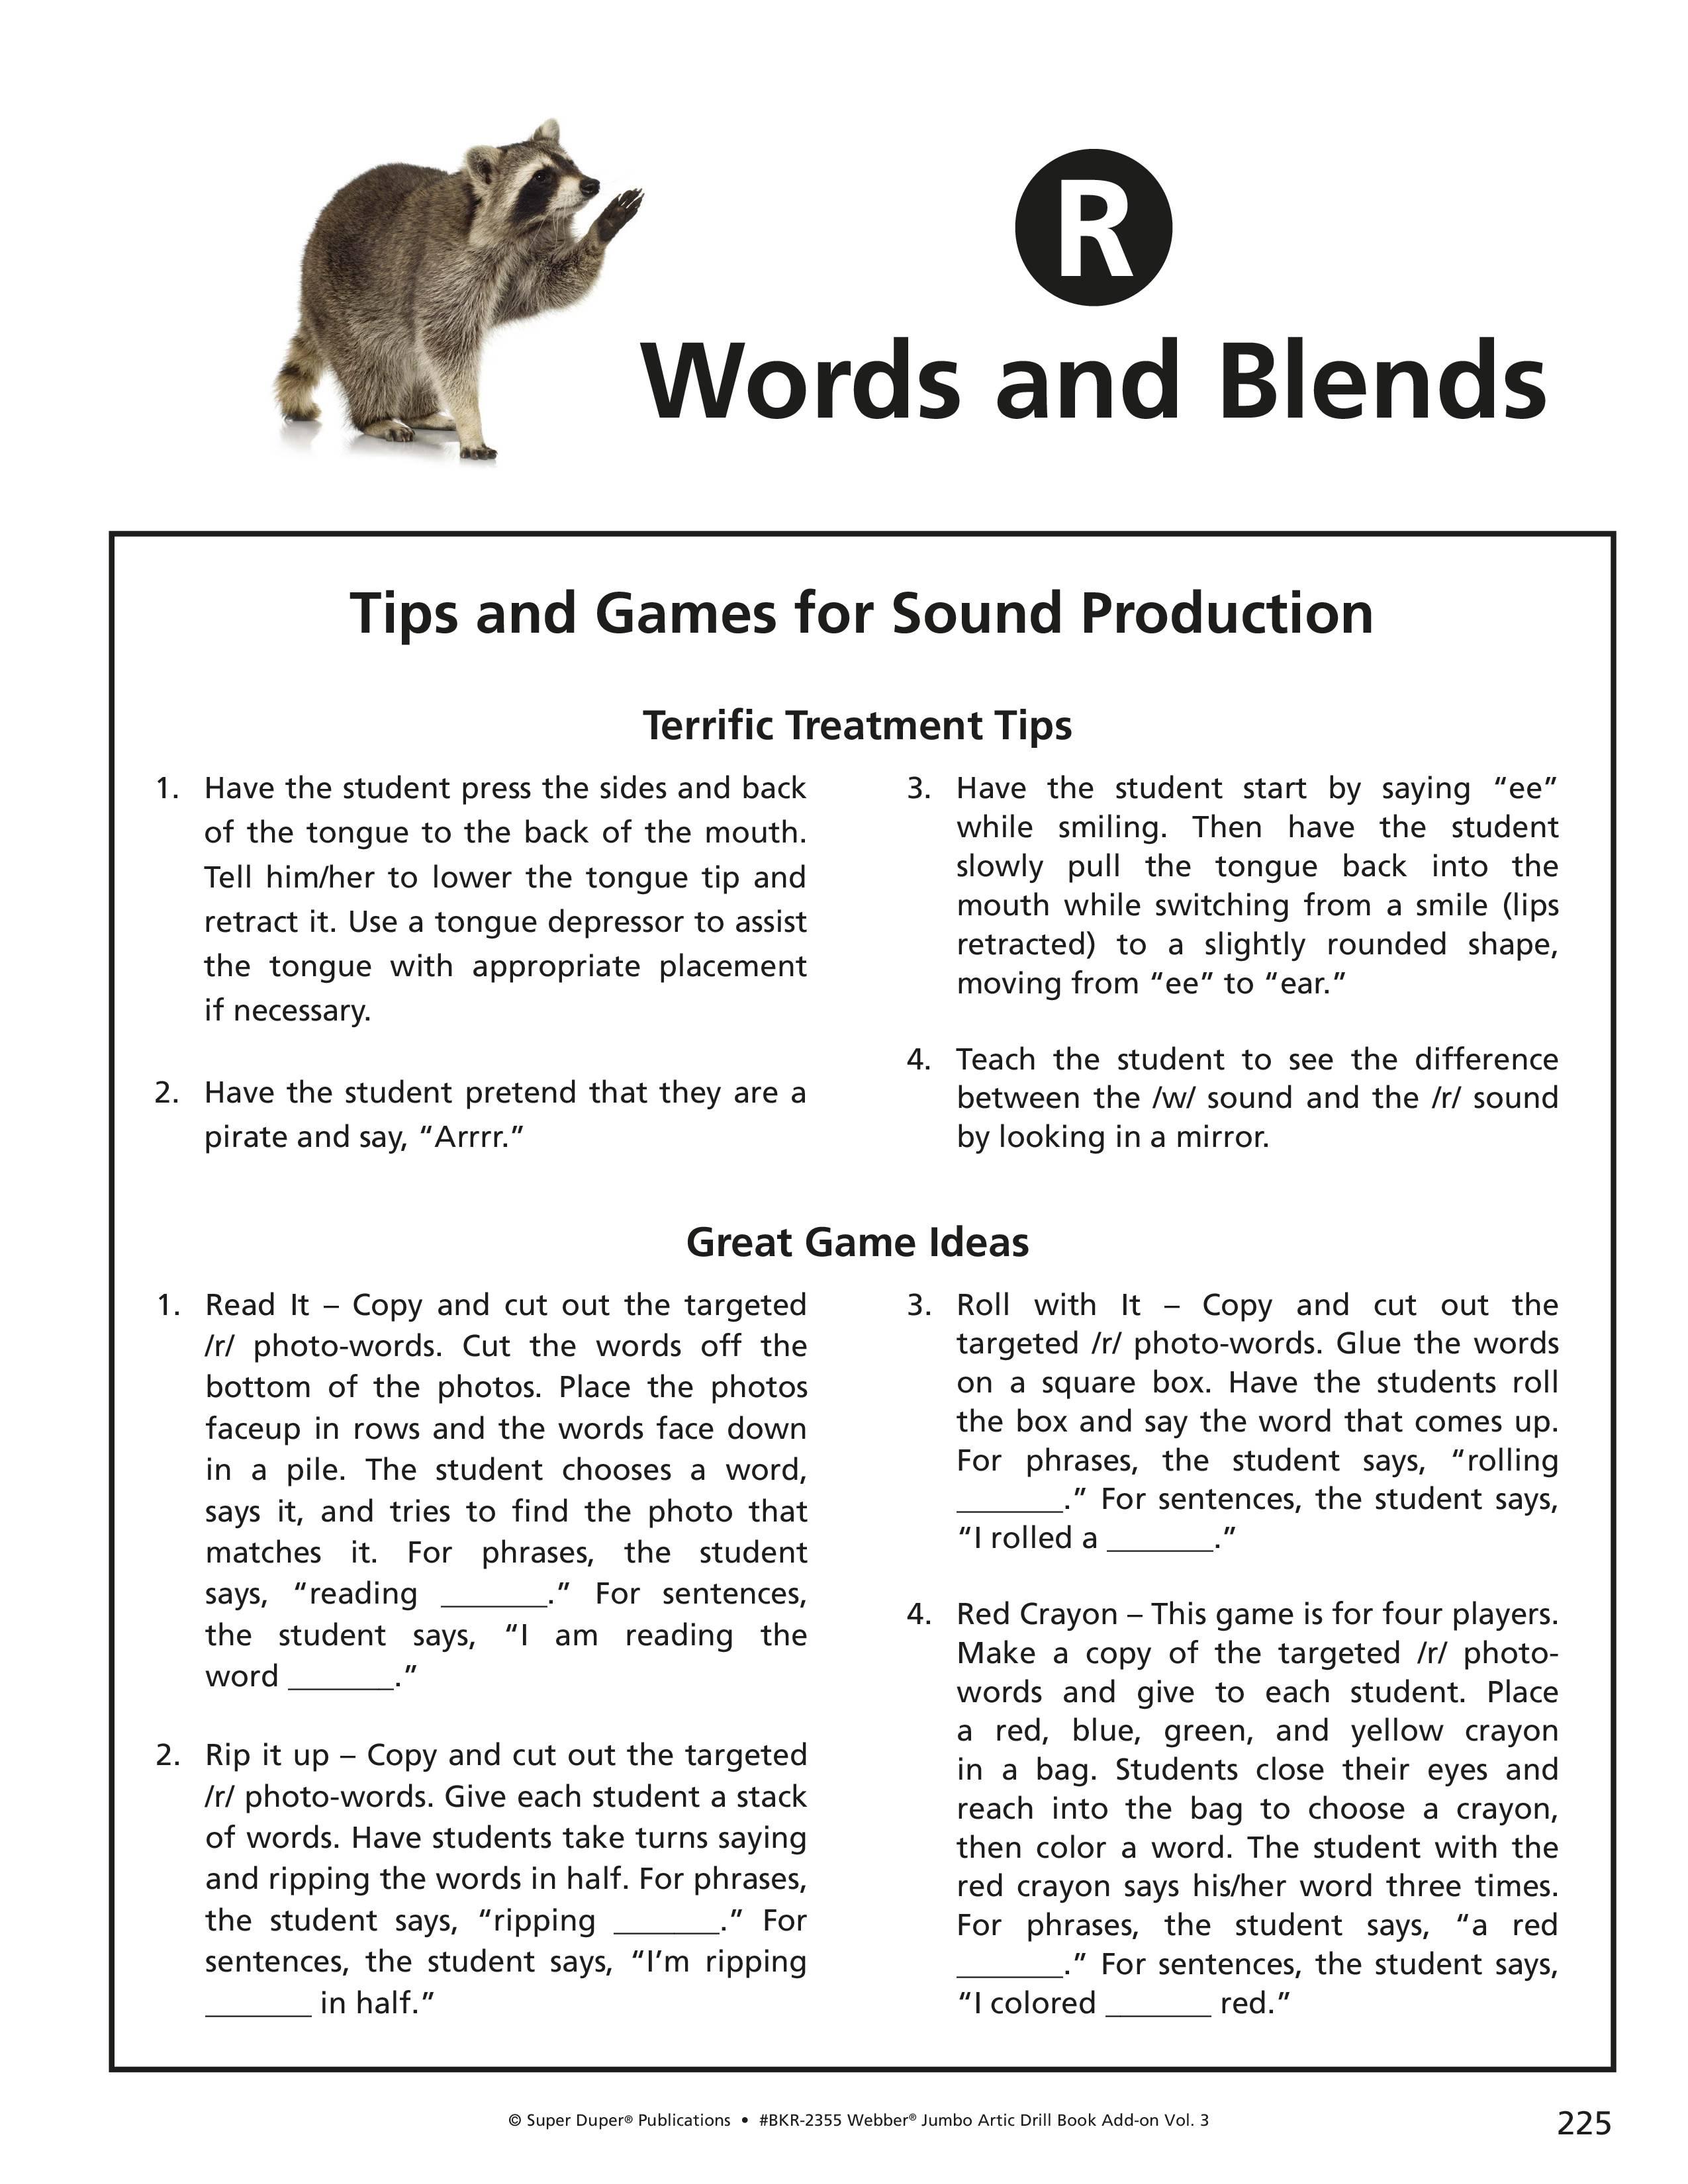 R R Blends Worksheets